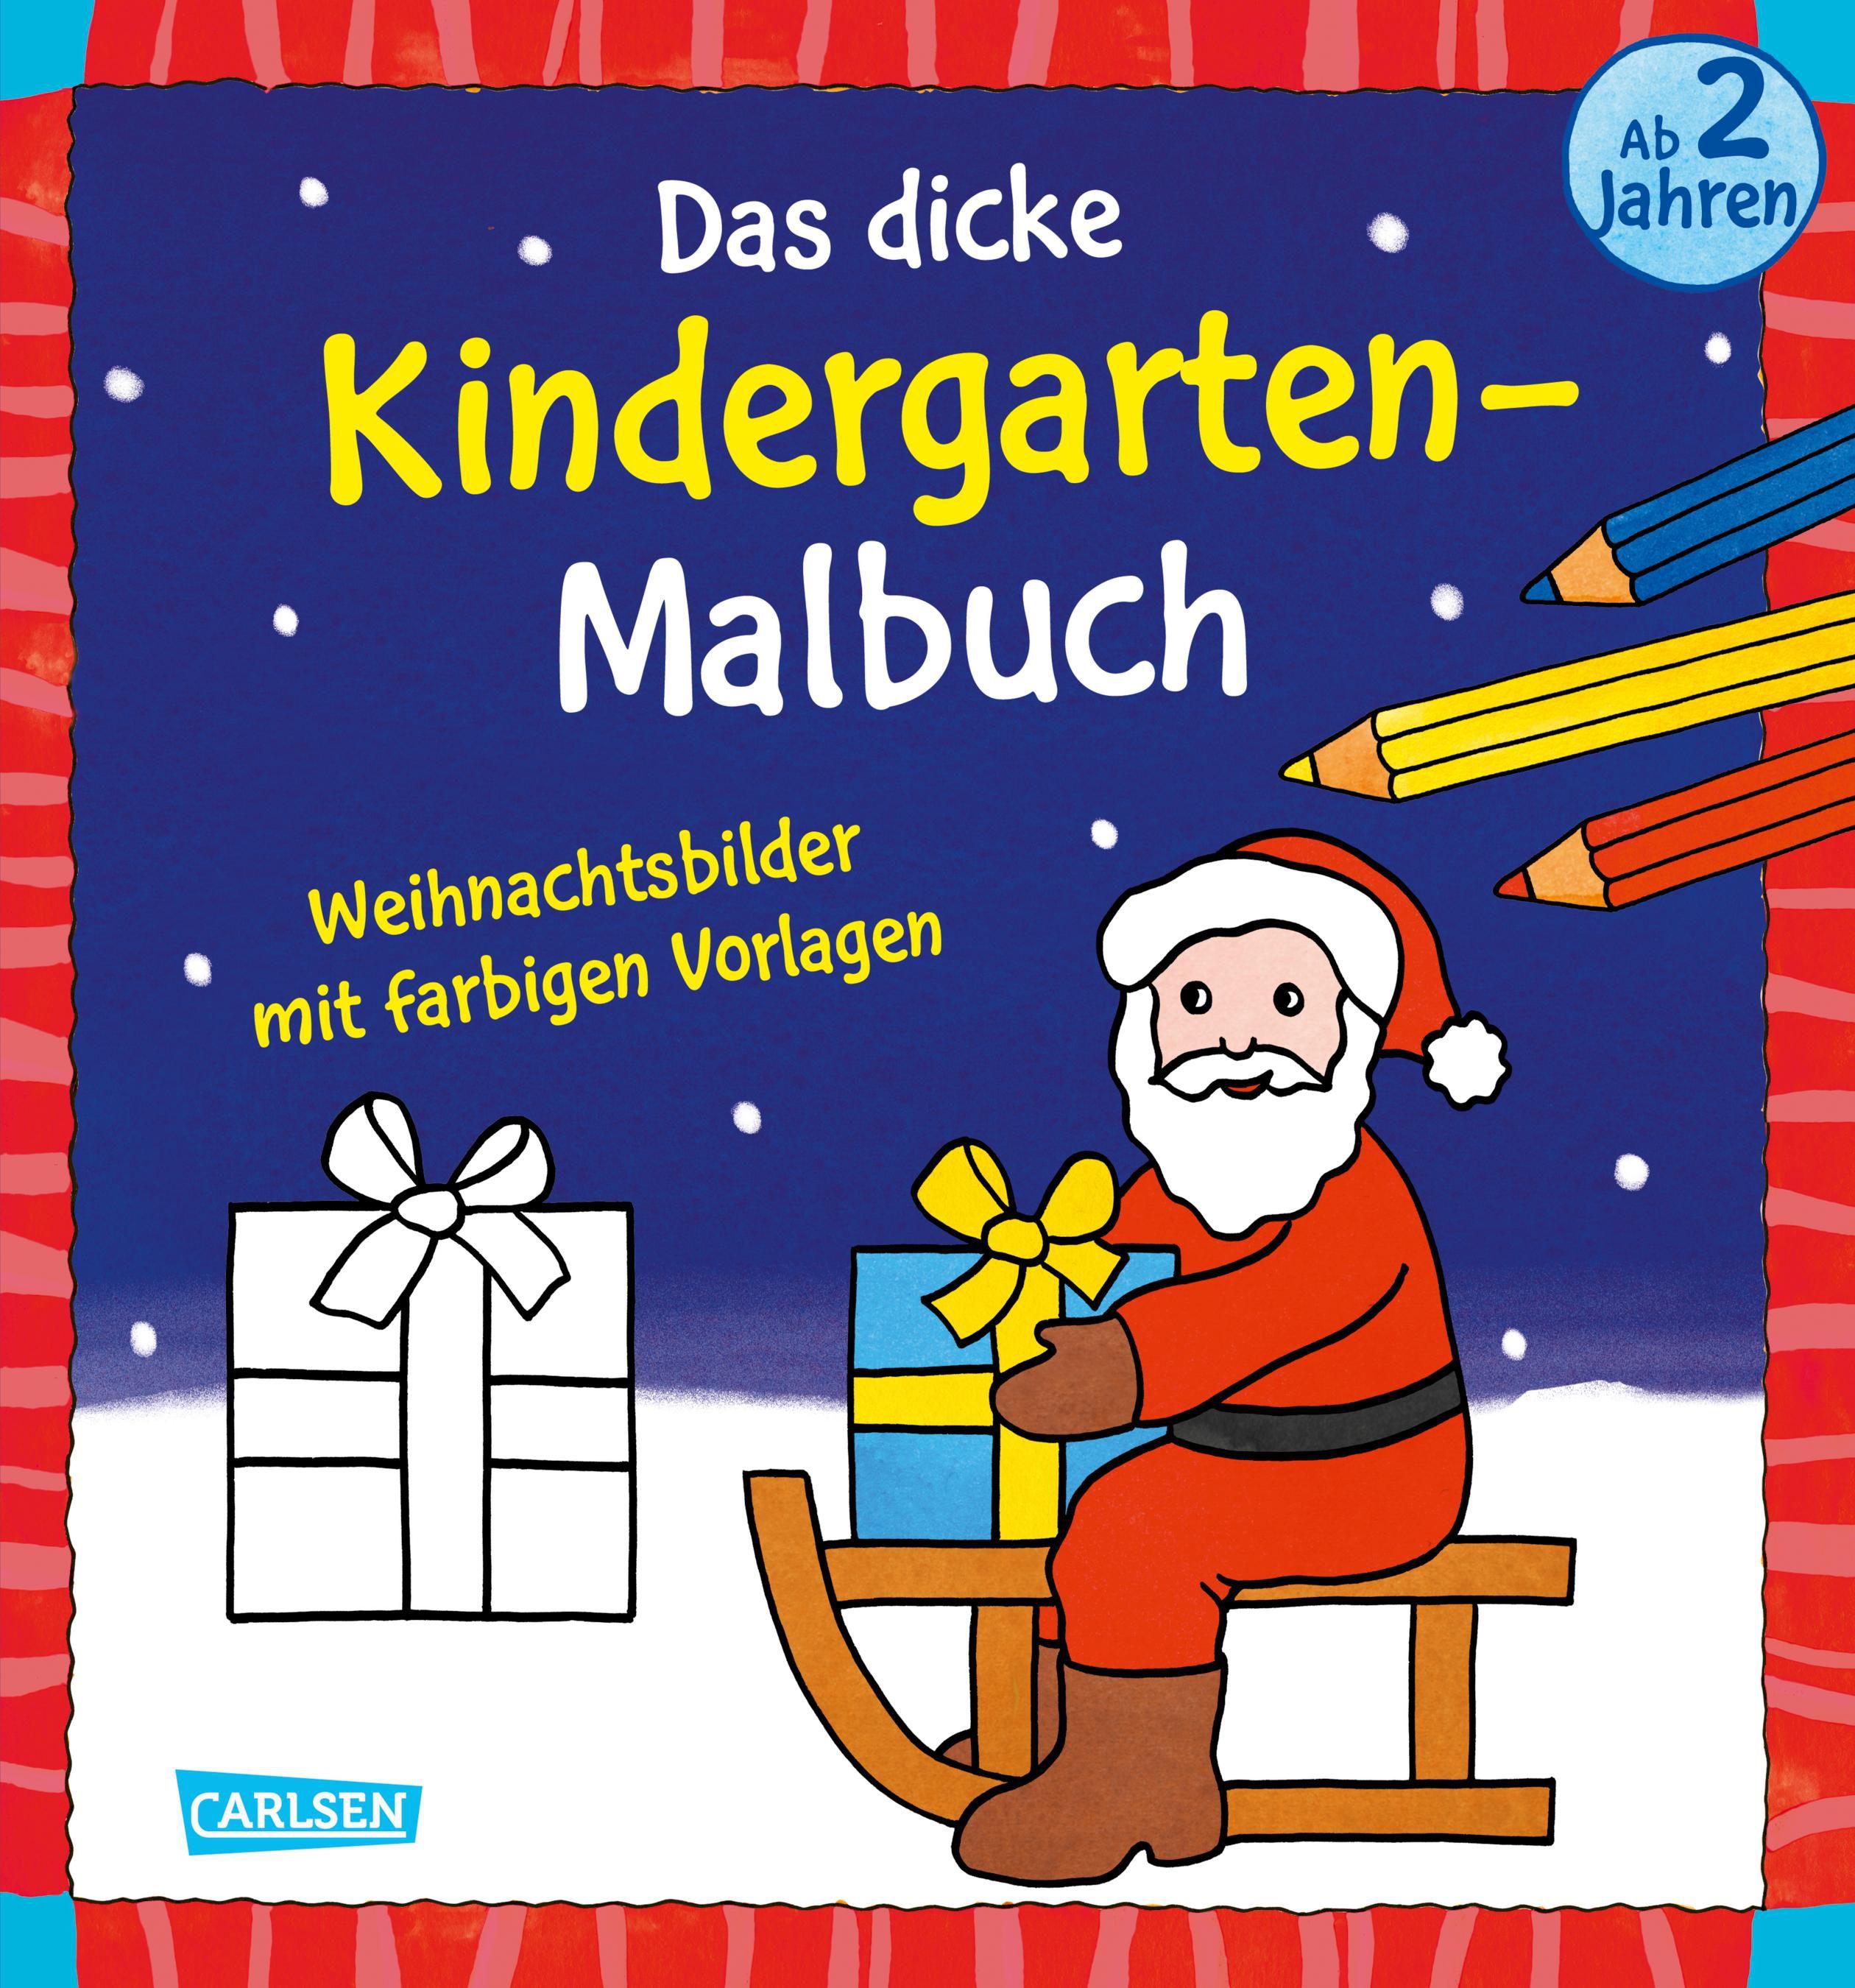 Schön Frei Druckbare Weihnachtsbilder Bilder - Malvorlagen Von ...